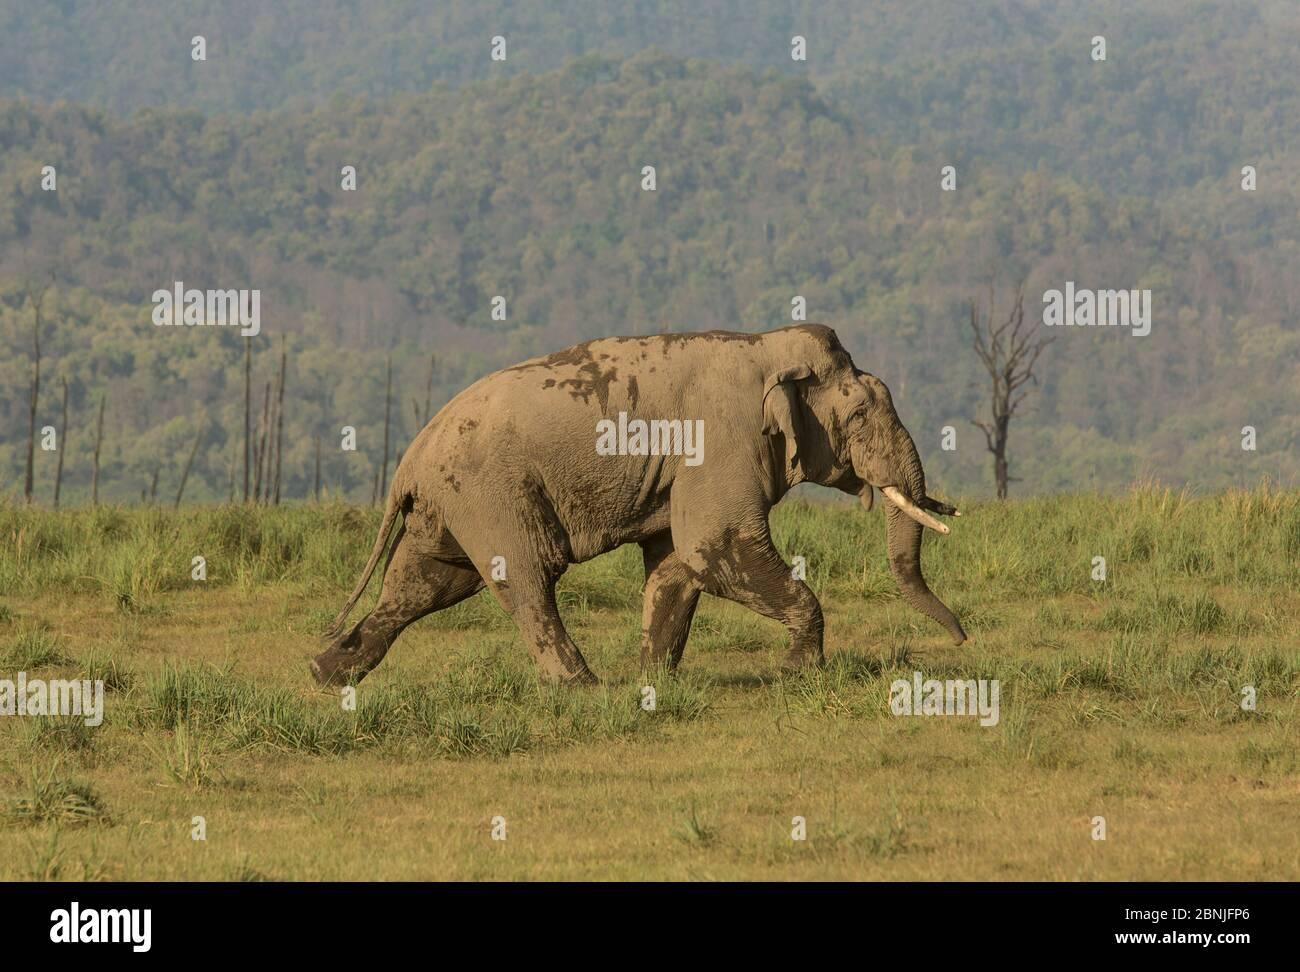 Éléphant asiatique (Elepha maximus) mâle marchant agressivement vers le mâle rival. Parc national Jim Corbett, Inde. Banque D'Images